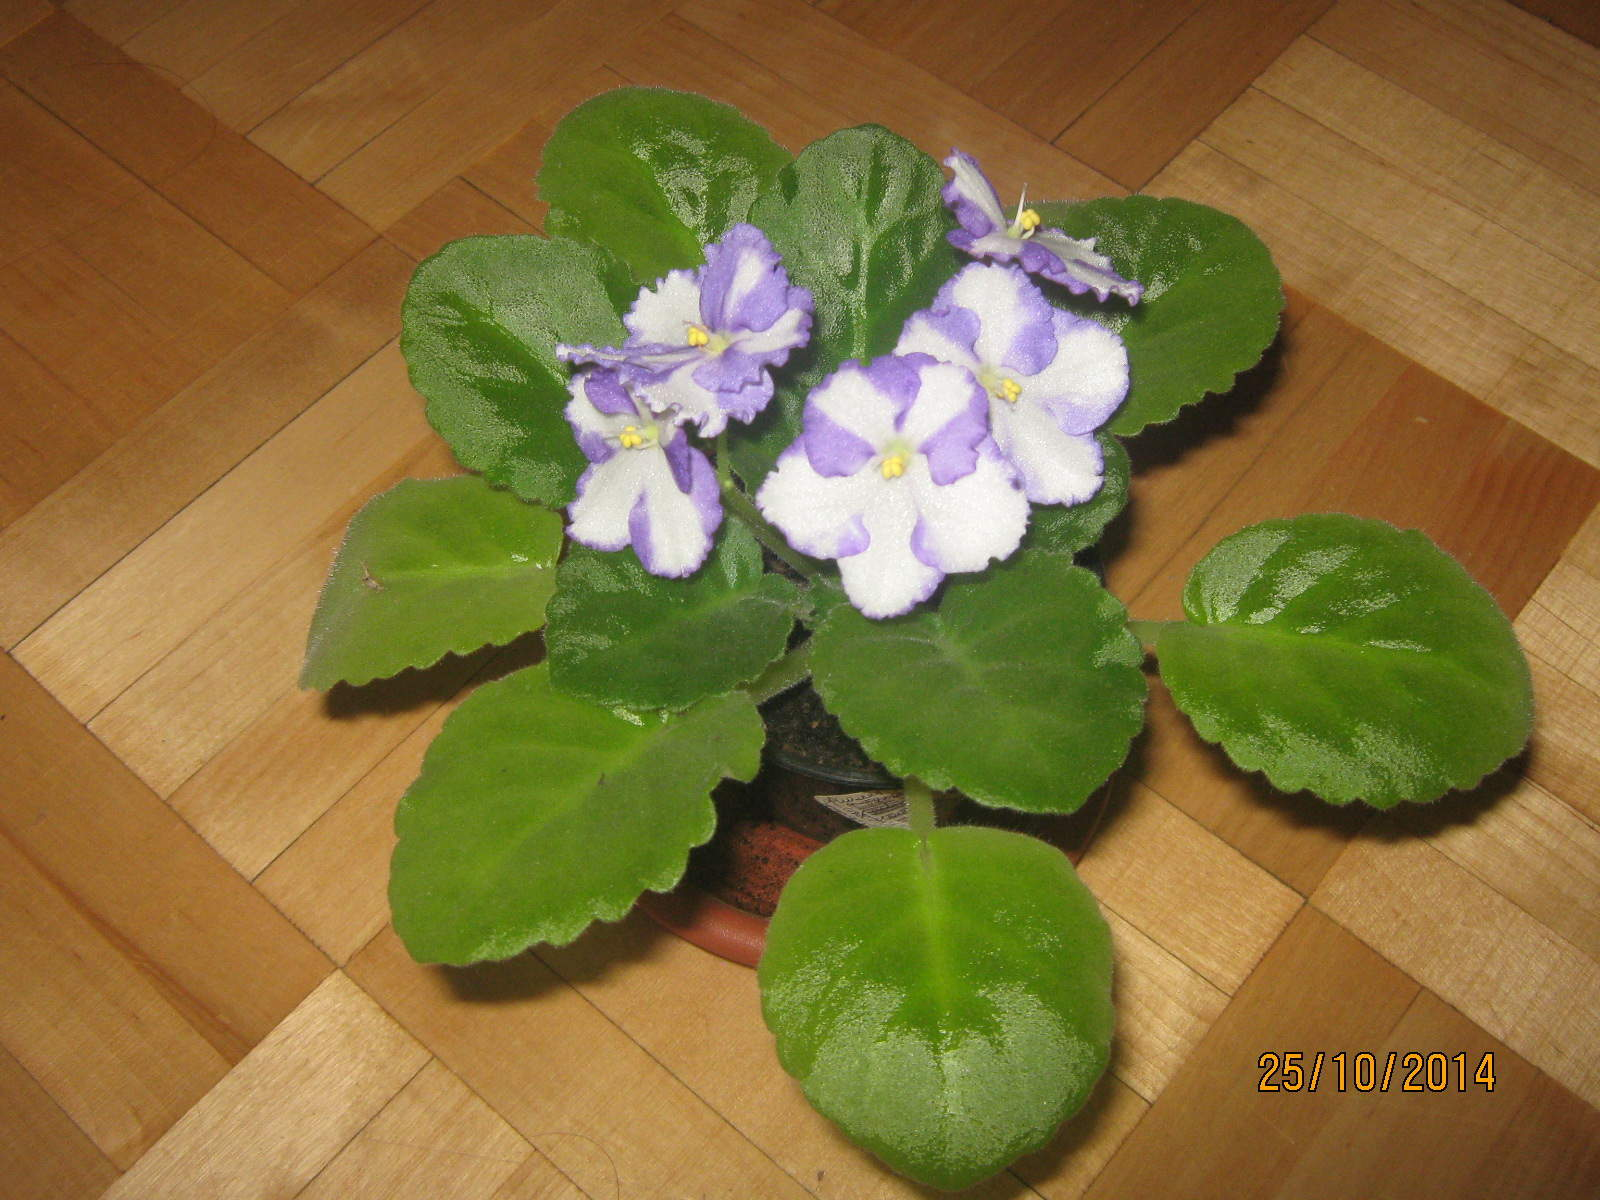 Маленькой девочке, цветы фиалки купить советский